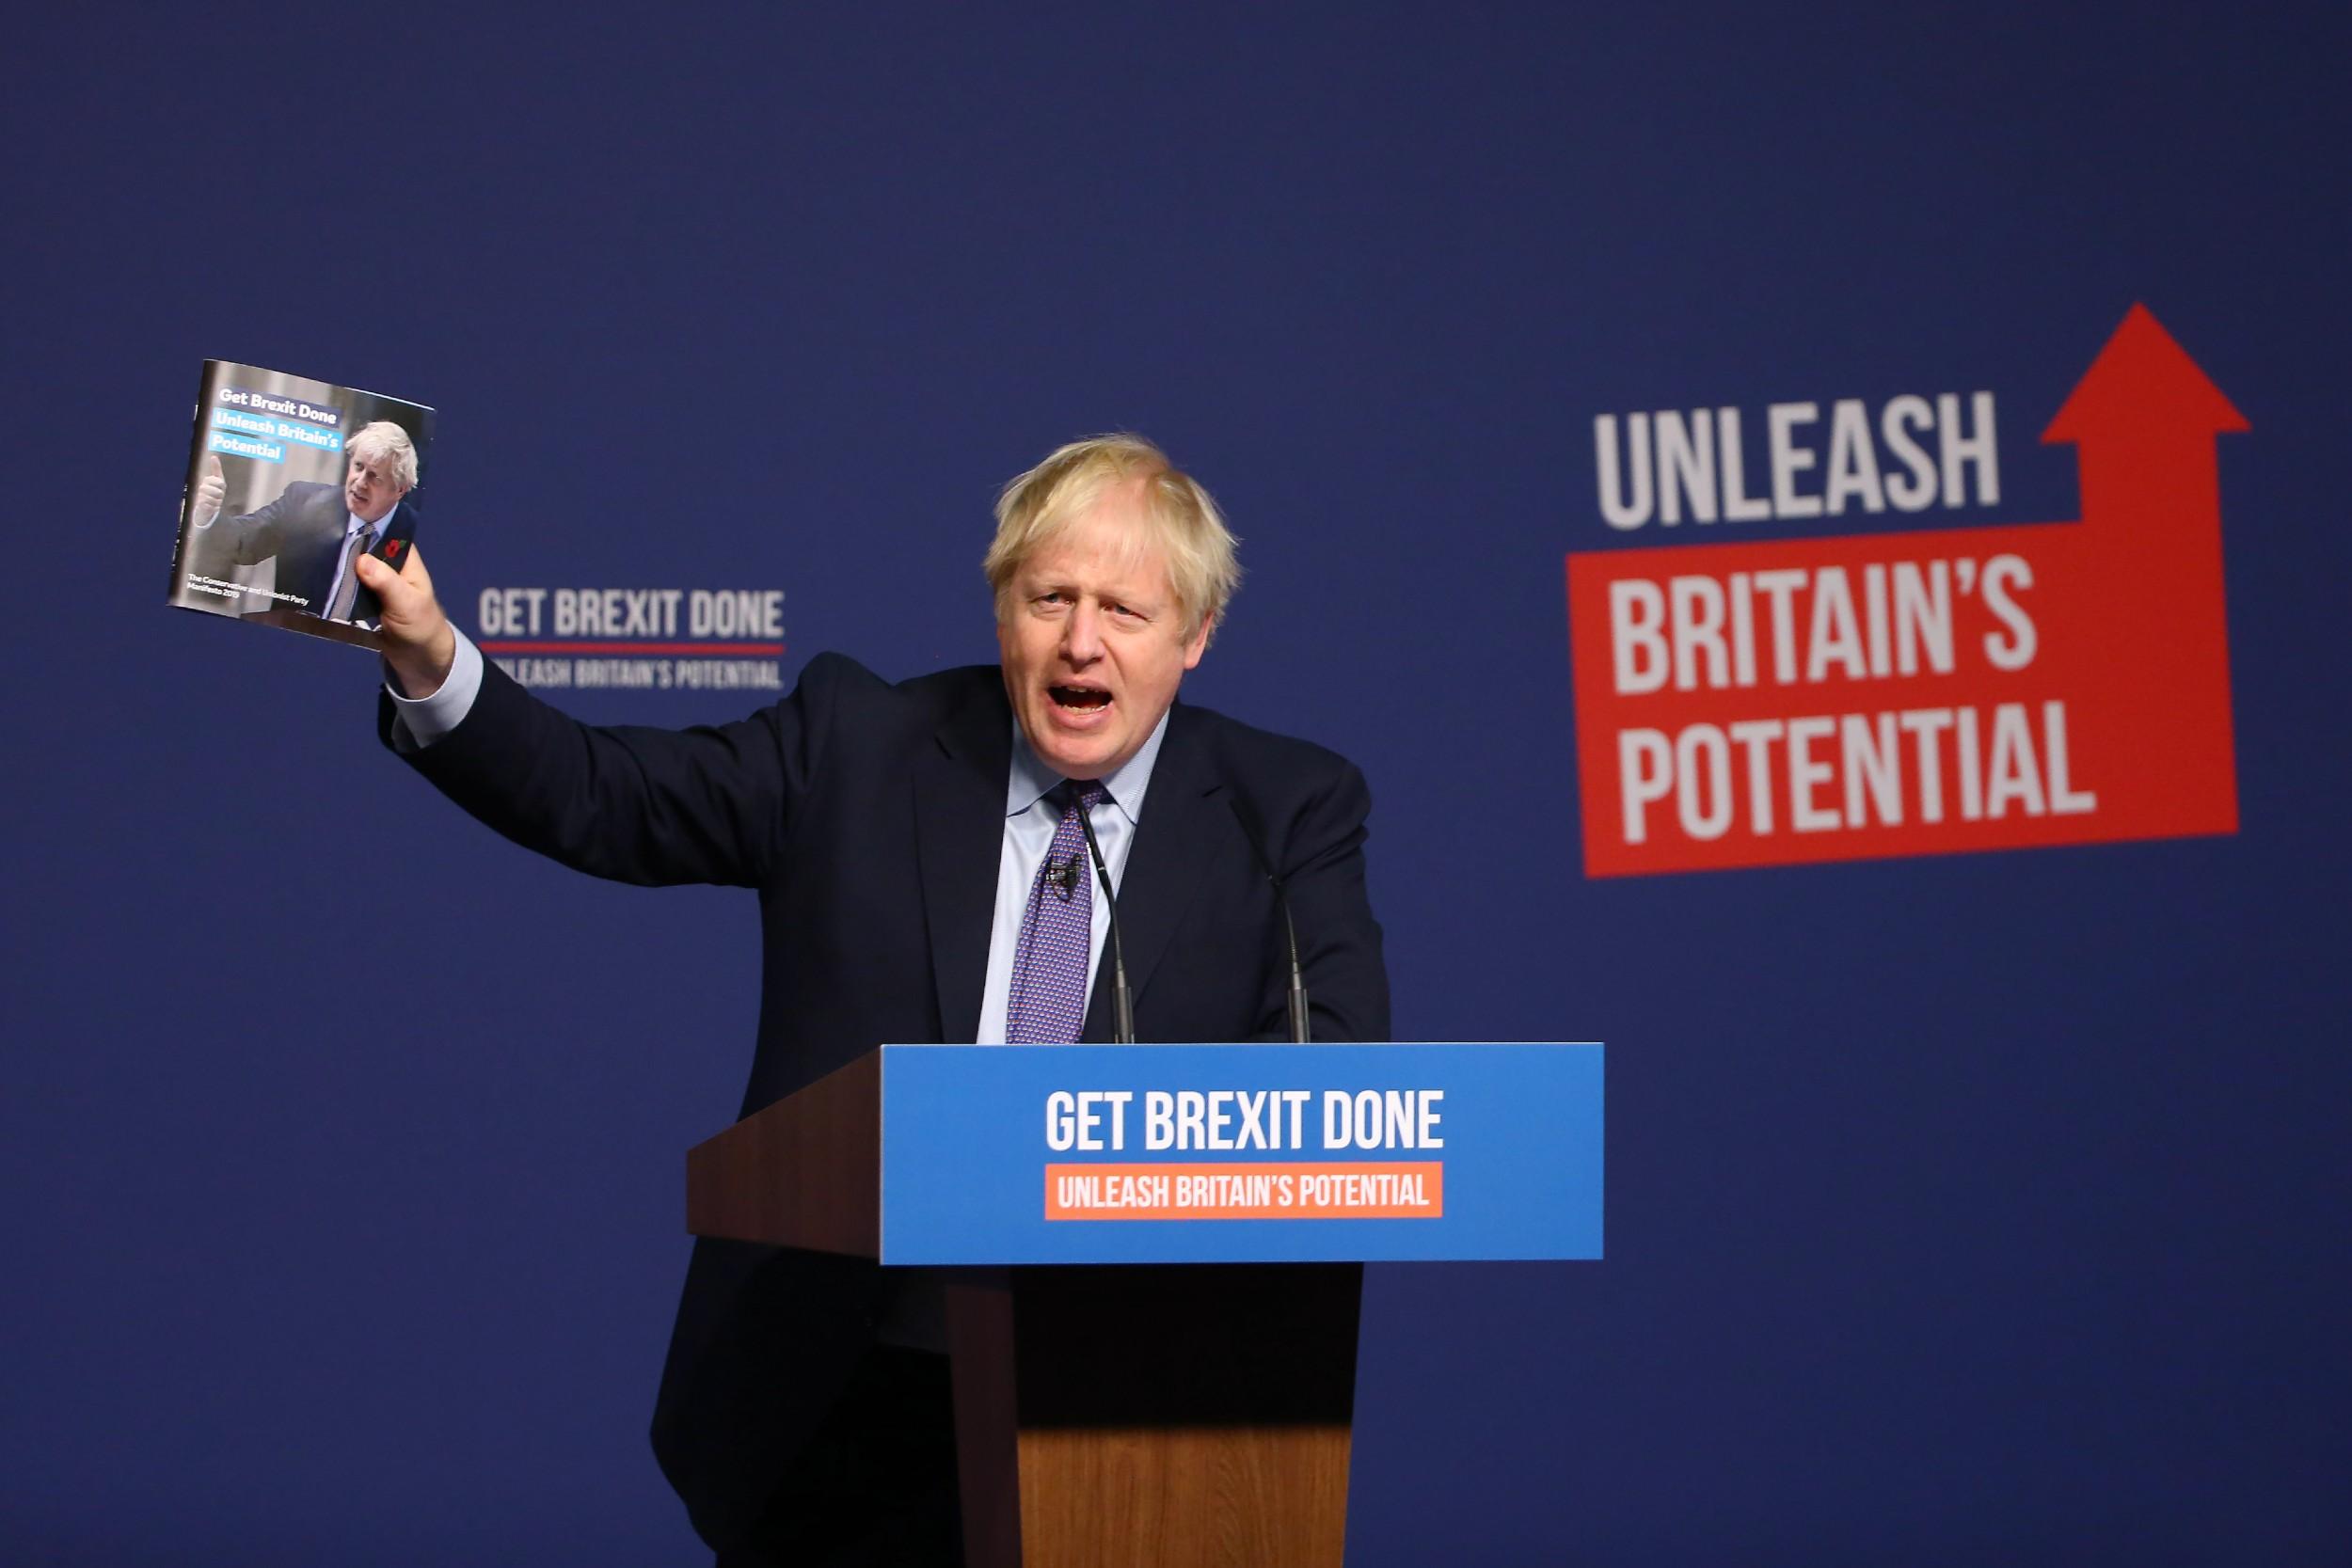 Британски премијер Борис Џонсон држи копију страначког манифеста док говори на представљању манифеста Конзервативне странке, Телфорд, 24. новембар 2019. (Фото: Hollie Adams/Bloomberg)